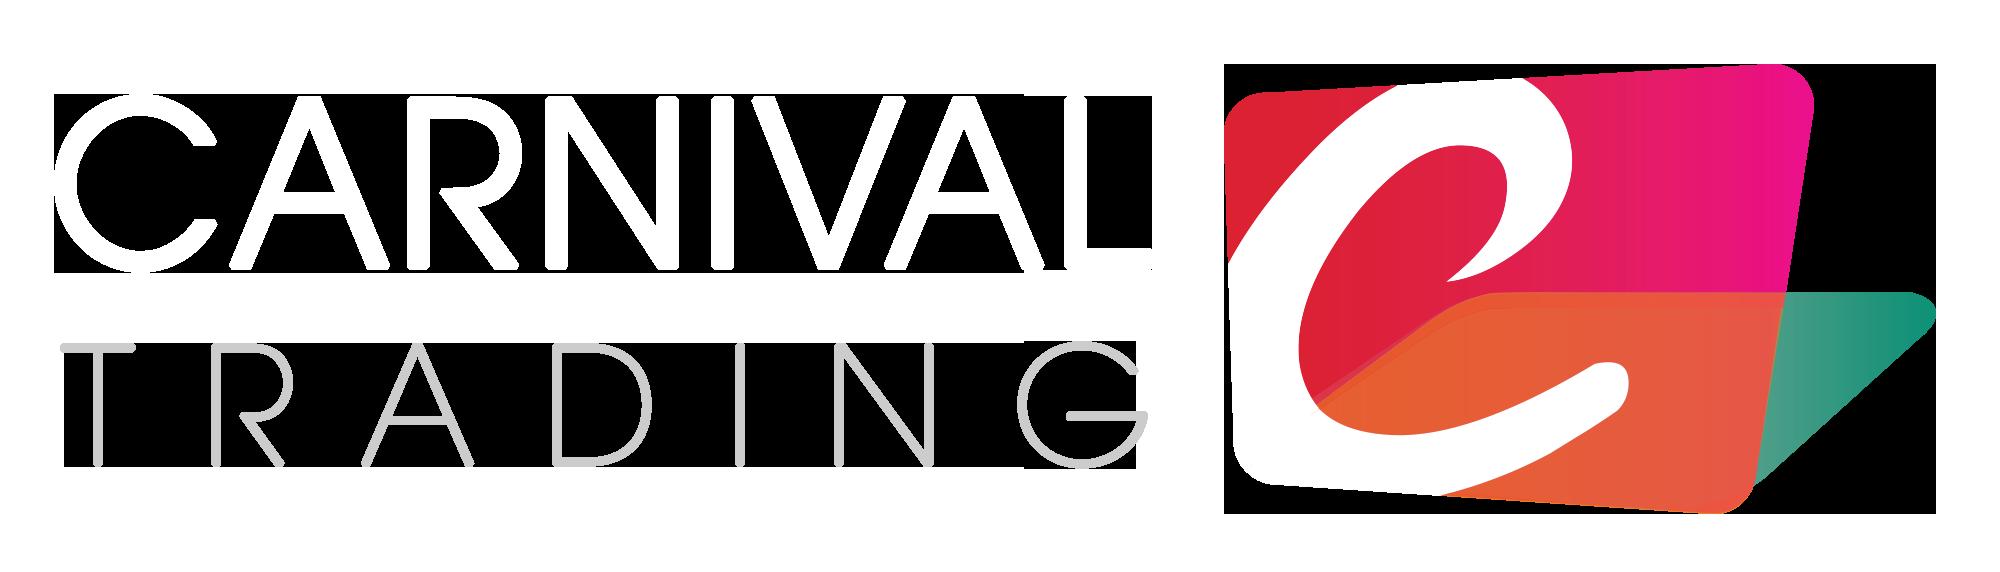 CARNIVAL TRADING